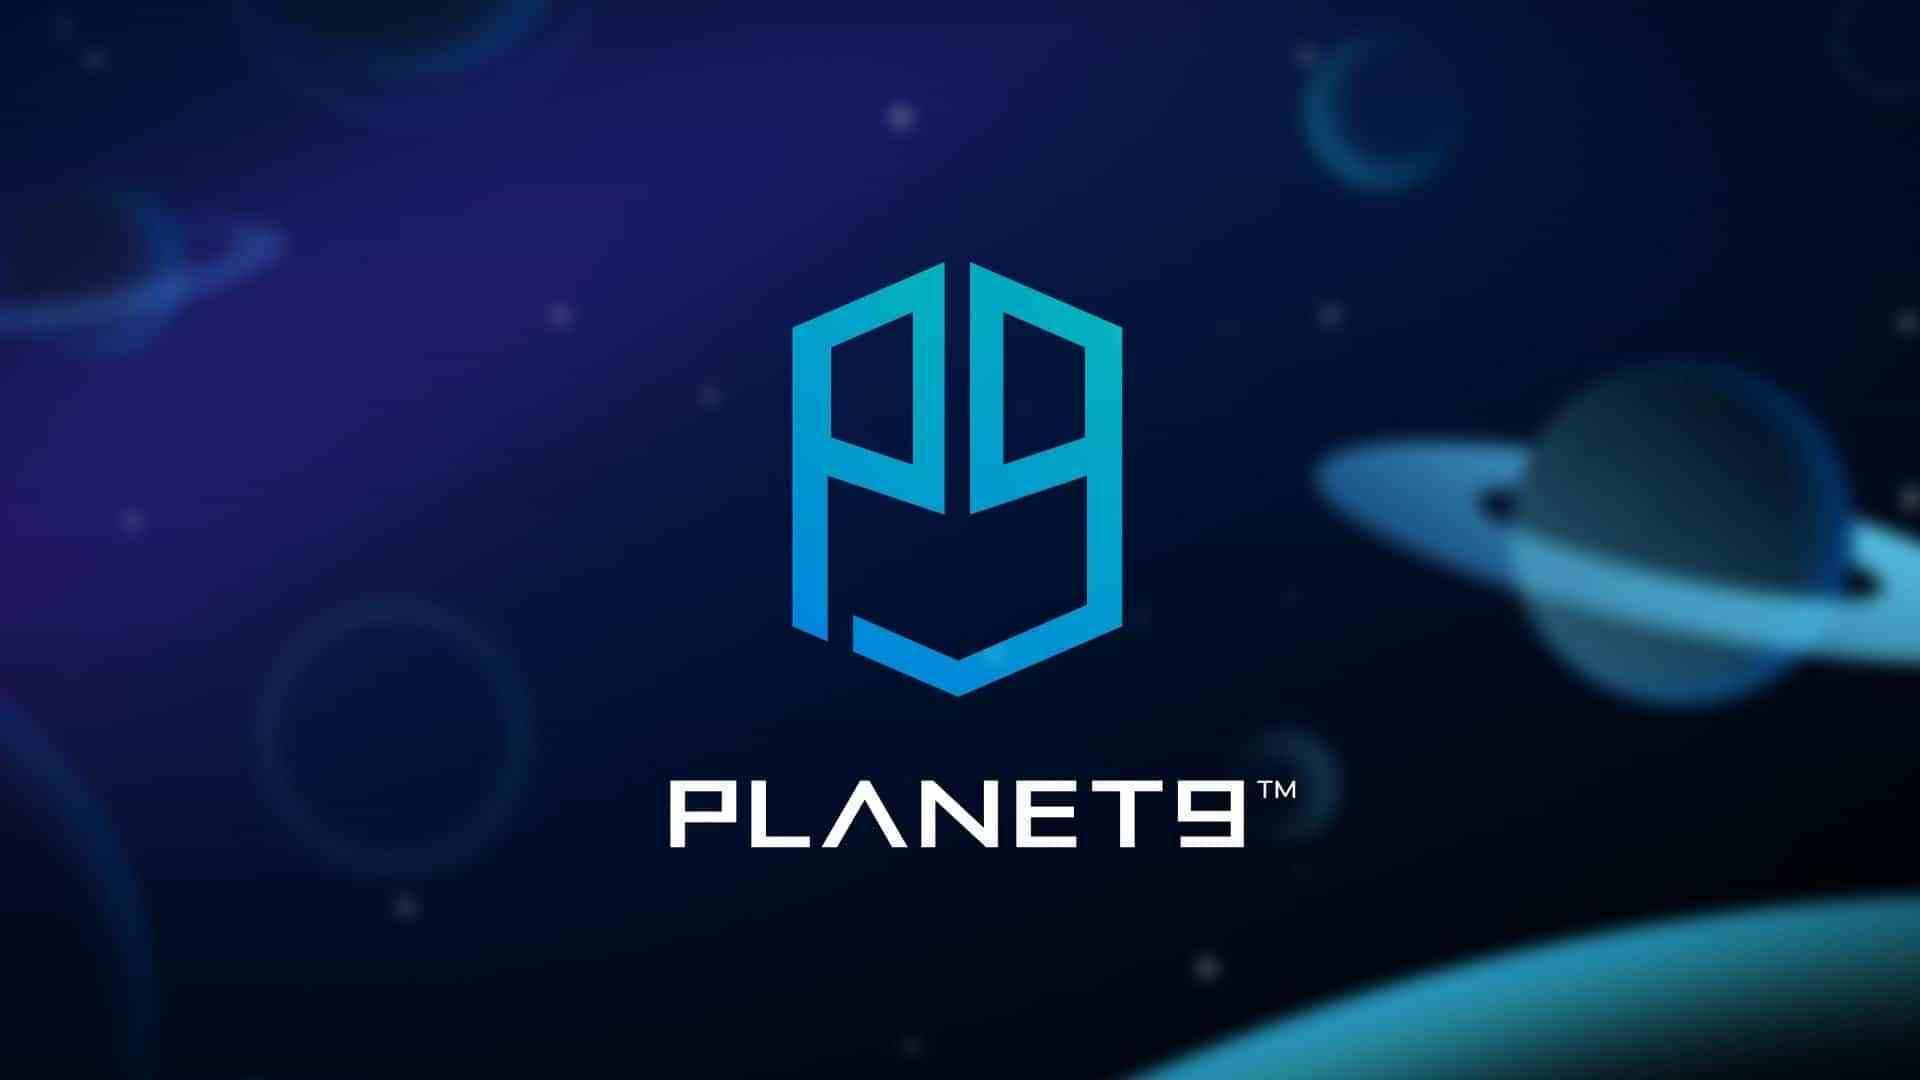 La piattaforma Planet9 aprirà per la registrazione all'IEM di Katowice thumbnail